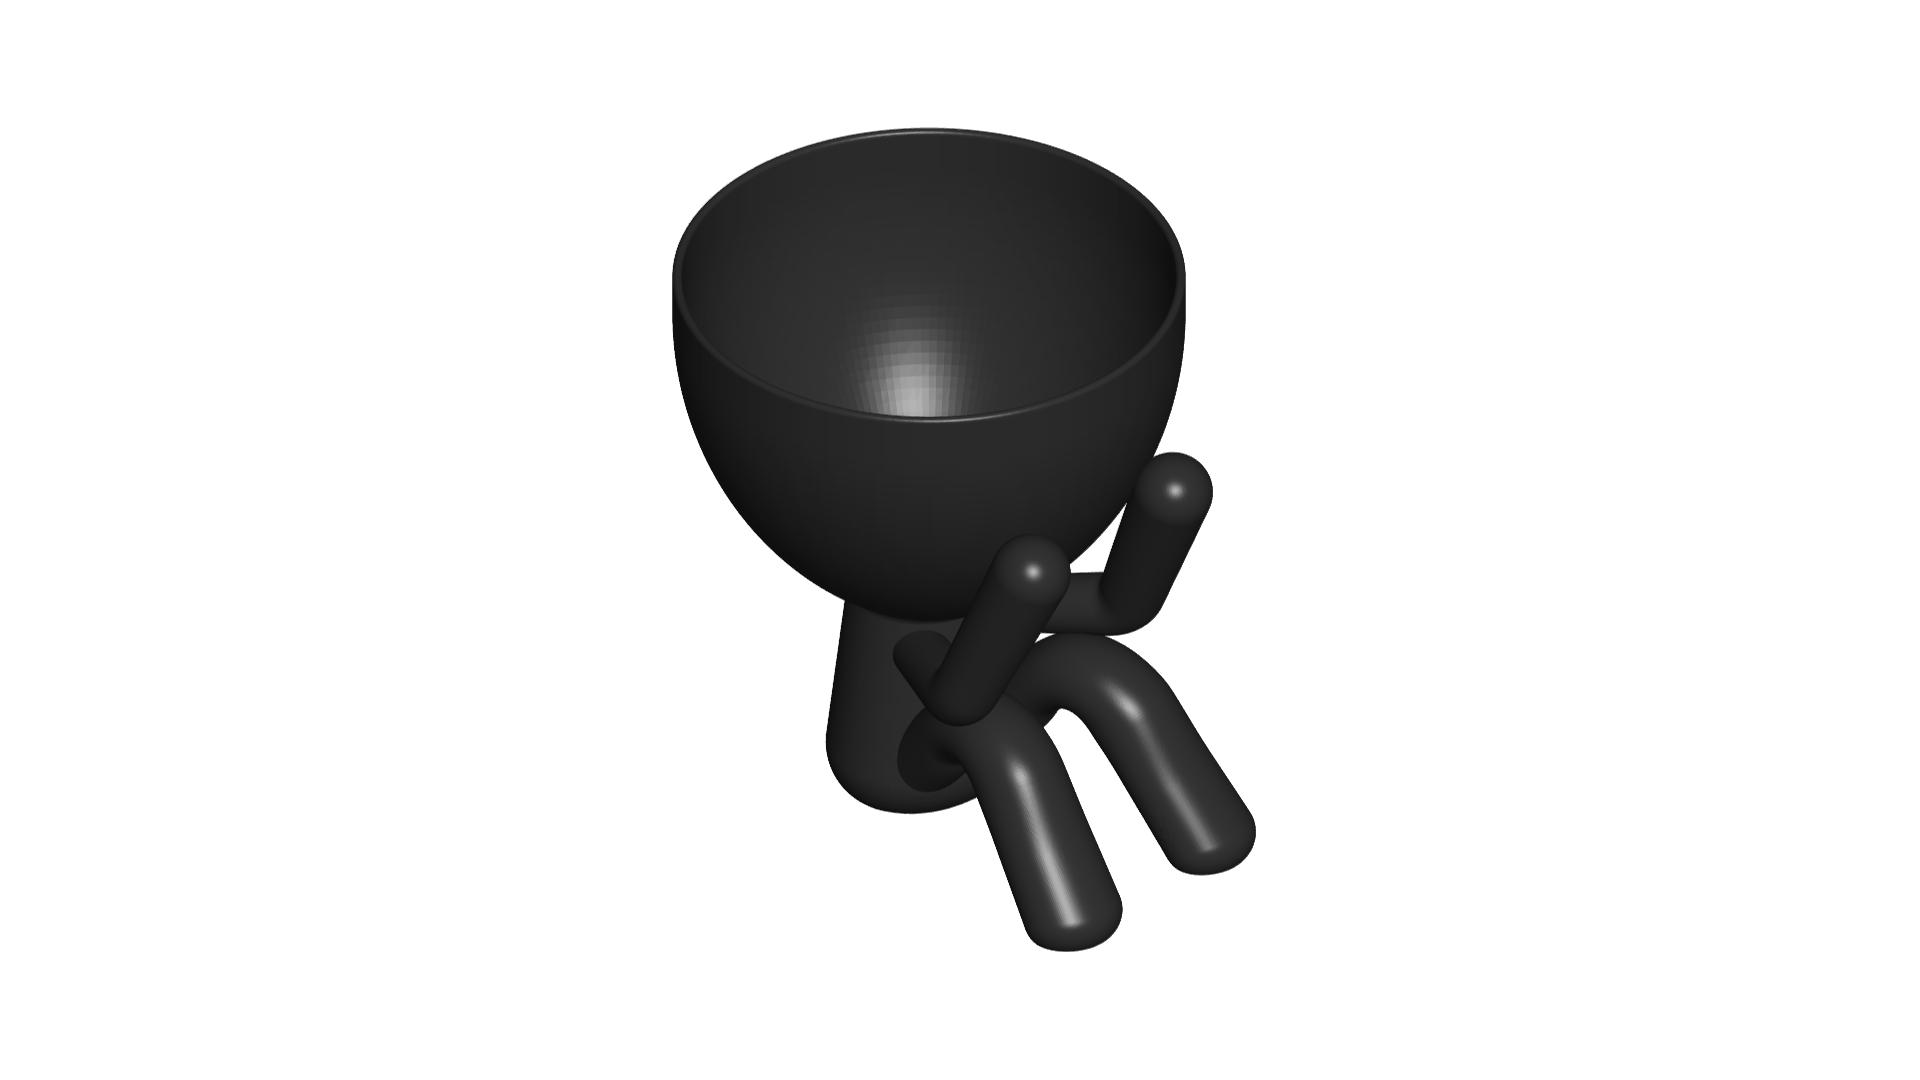 1_negro_2.png Télécharger fichier STL gratuit Les 3 pots verres Robert Sabios Ne lit pas, n'écoute pas, ne voit pas - Les 3 pots verres Robert Sabios Ne lit pas, n'écoute pas, ne voit pas • Objet à imprimer en 3D, CREATIONSISHI